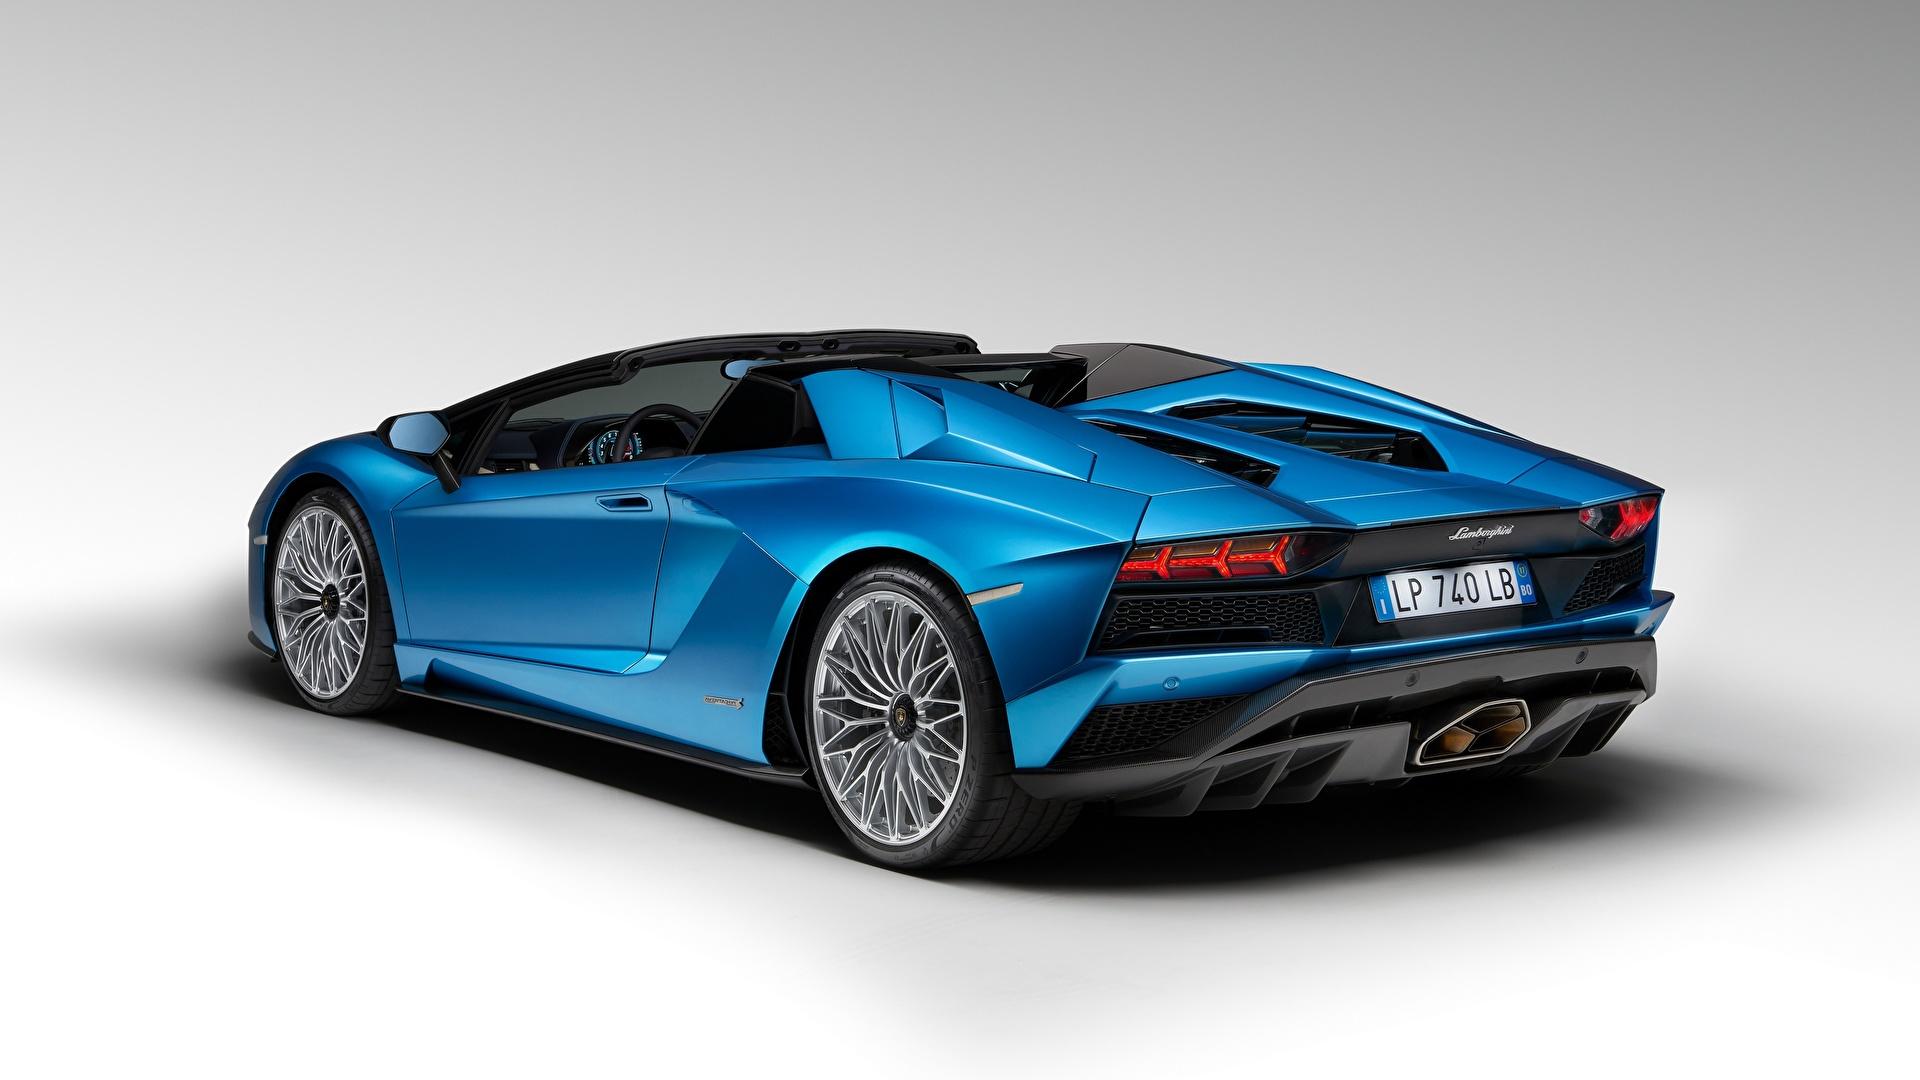 Фото Ламборгини Aventador S Roadster, 2017 Родстер синяя авто Серый фон 1920x1080 Lamborghini Синий синие синих машина машины Автомобили автомобиль сером фоне